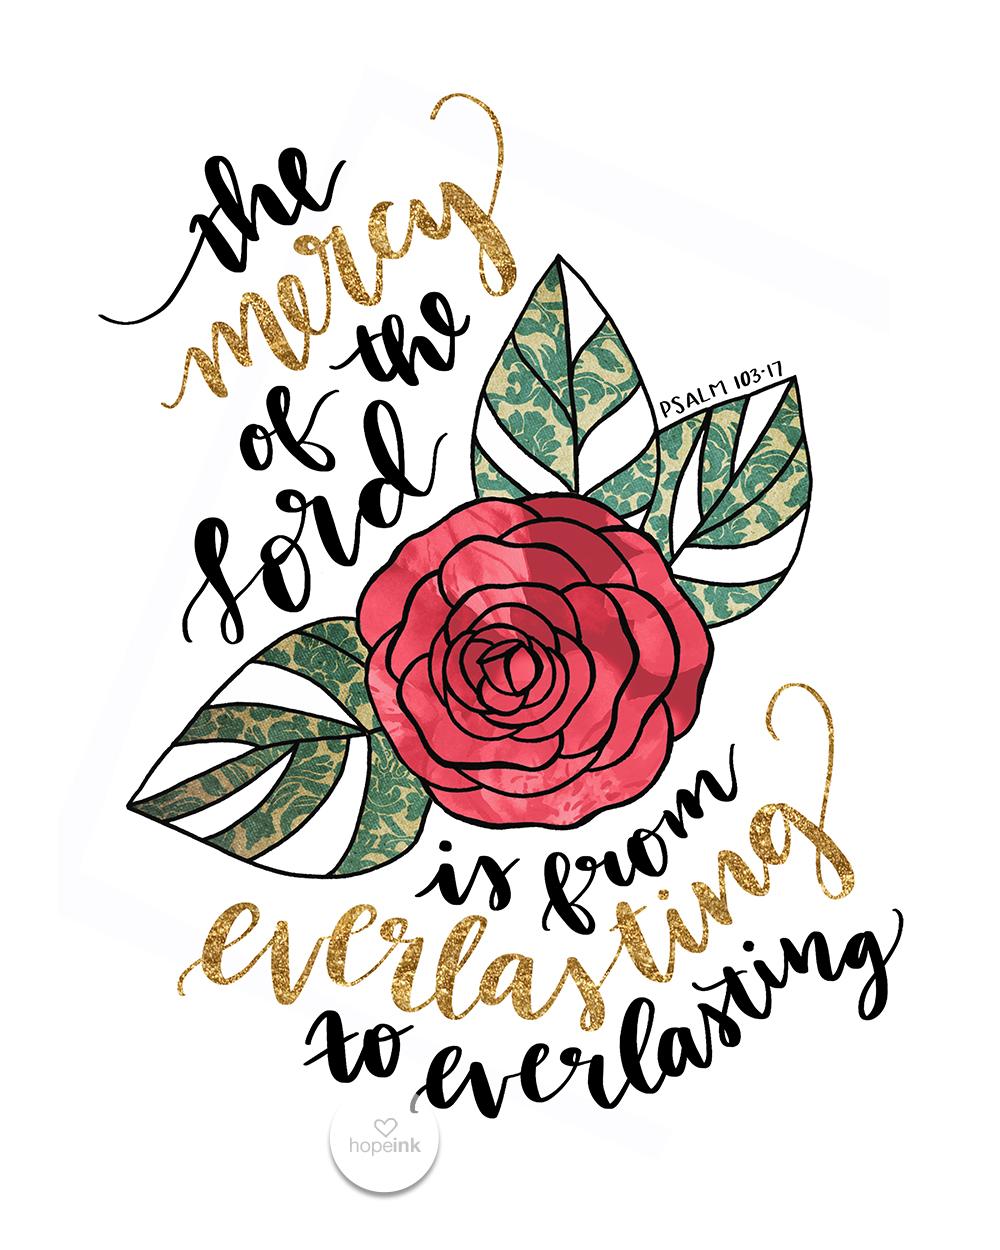 Everlasting Bible Verse Art | Hope Ink.jpg